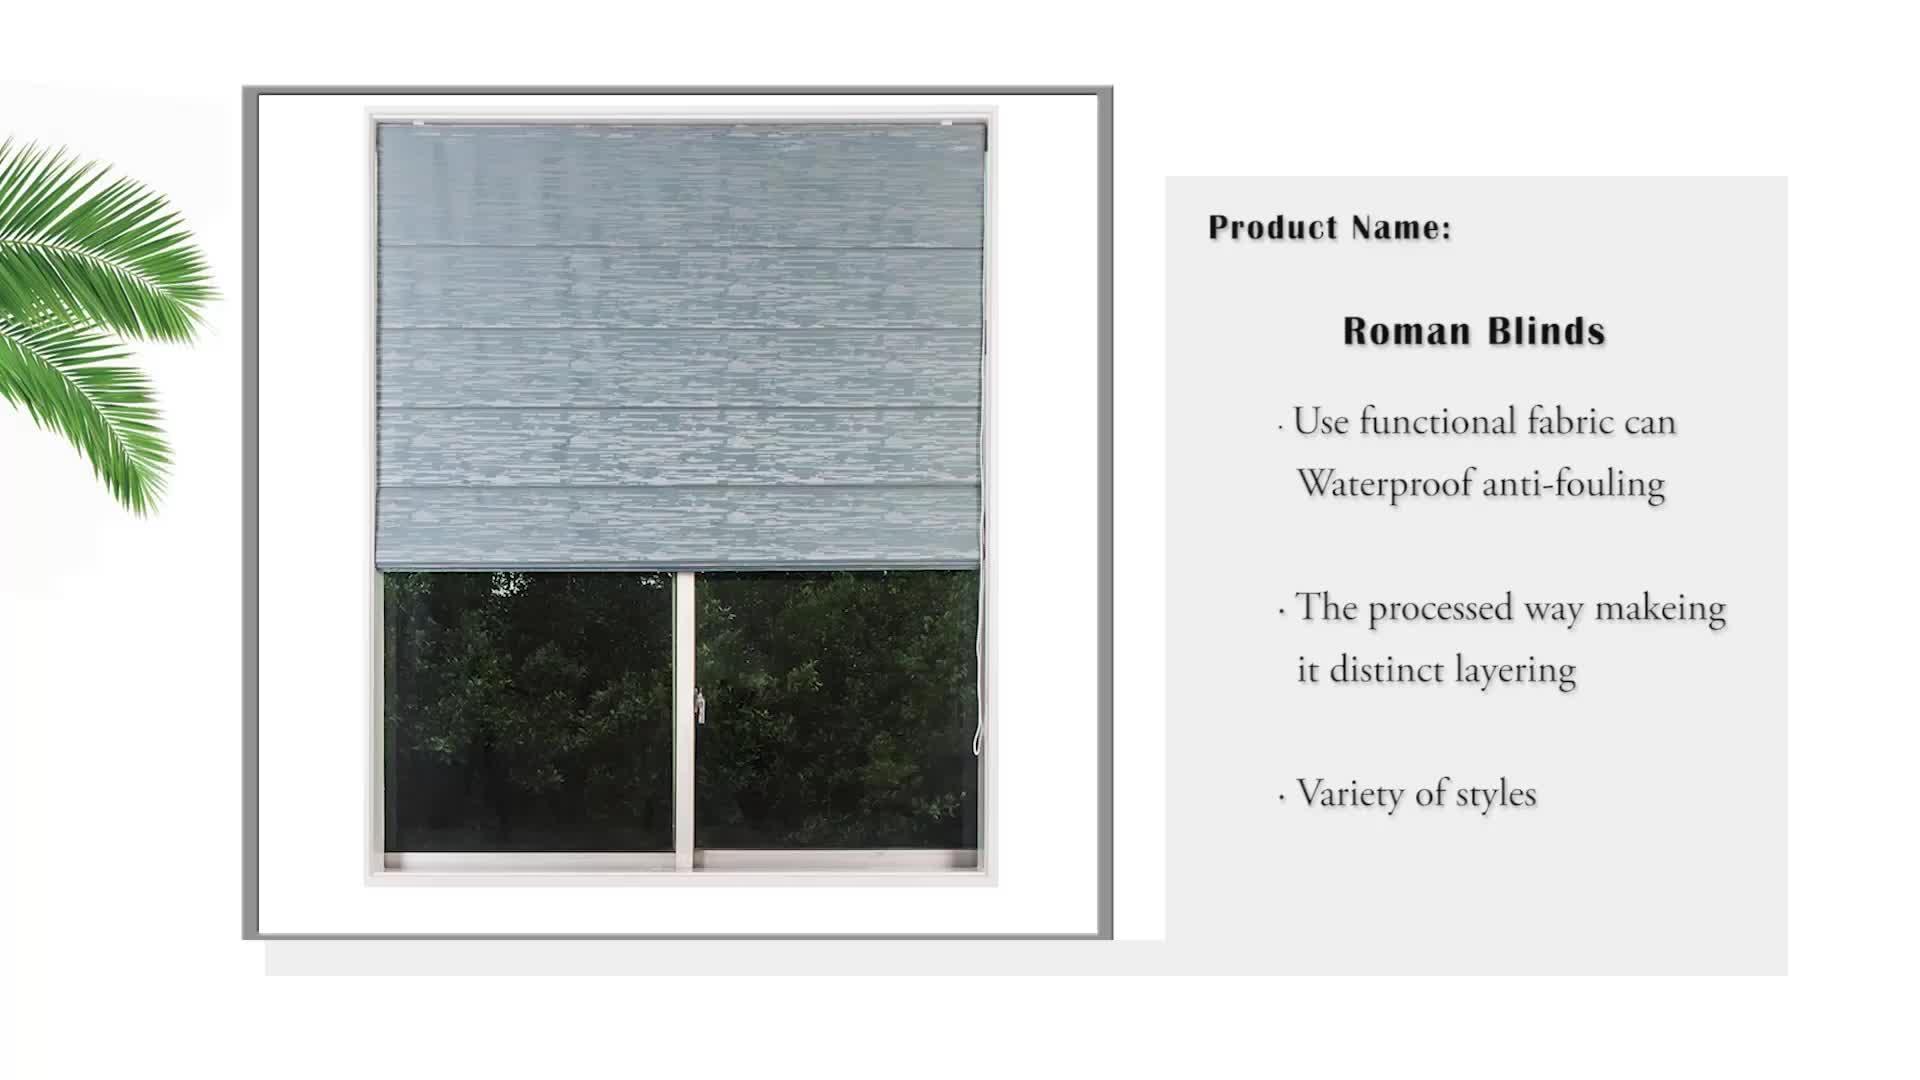 La cina ha fatto per misurare la tonalità della finestra orizzontale pieghevole cordino di chiusura blind romano